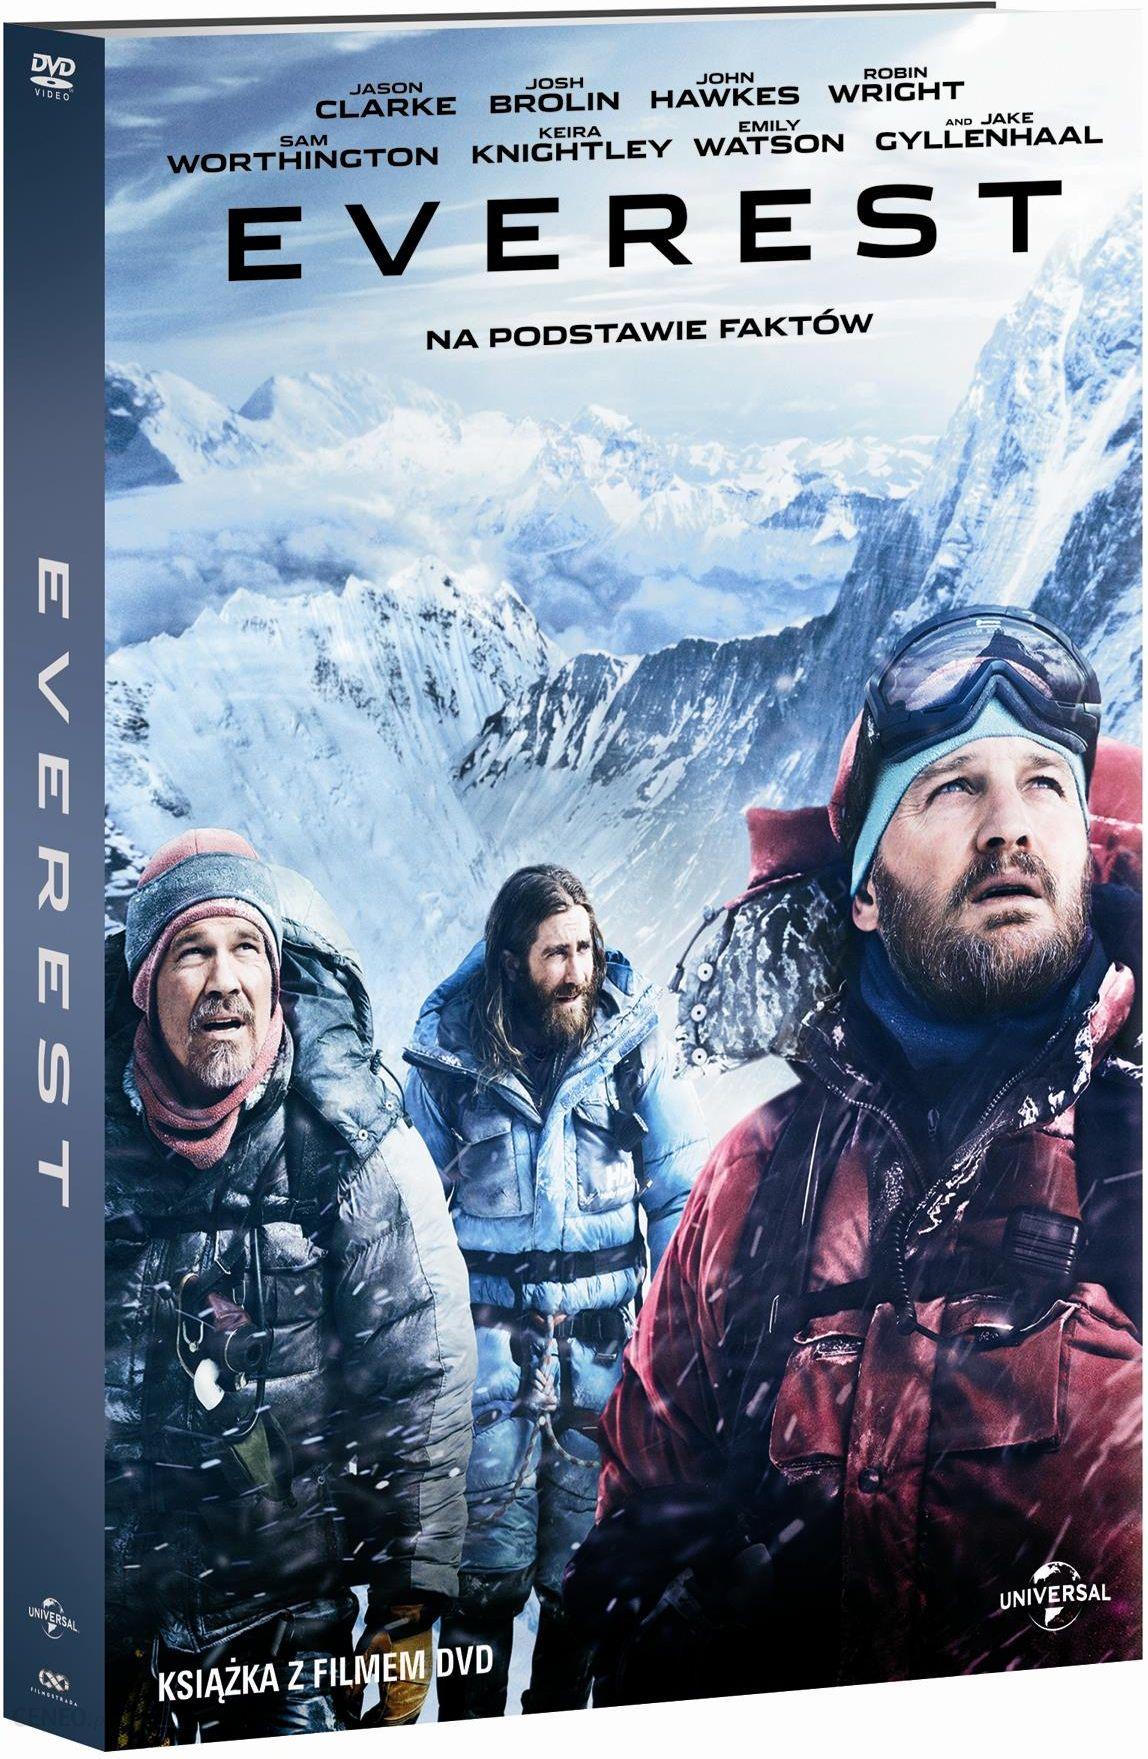 Film DVD Everest (DVD) - Ceny i opinie - Ceneo.pl